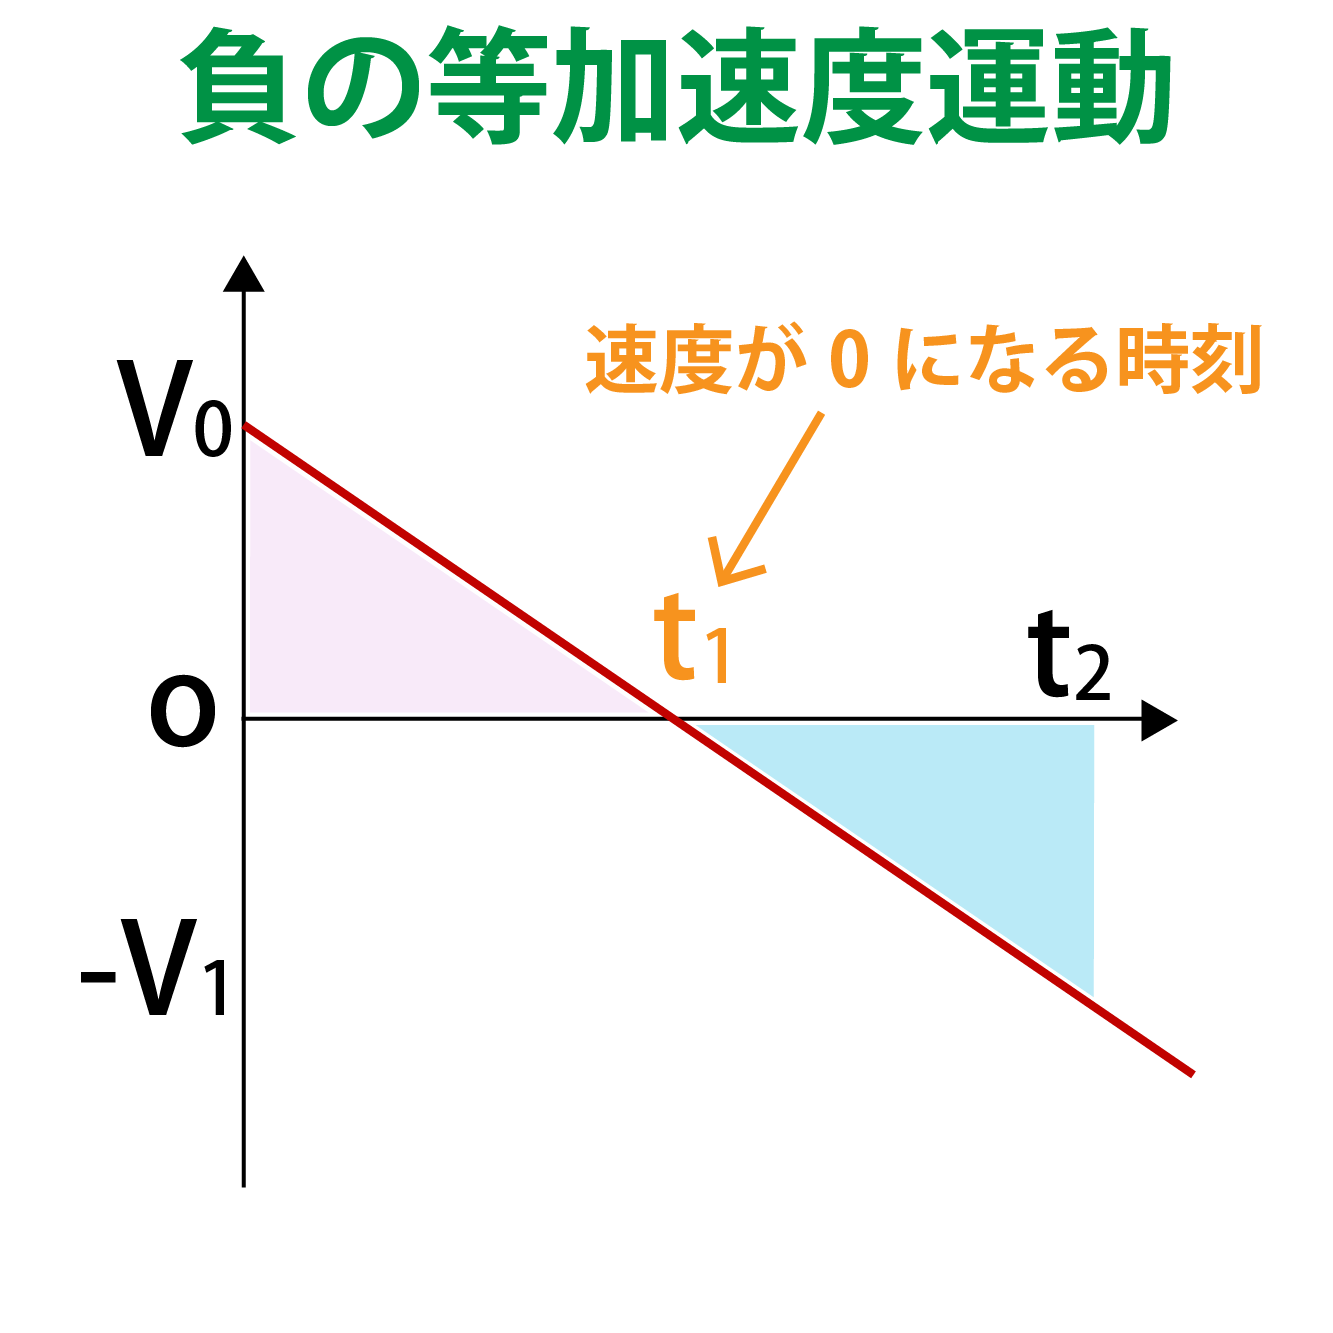 負の等加速度運動のグラフ